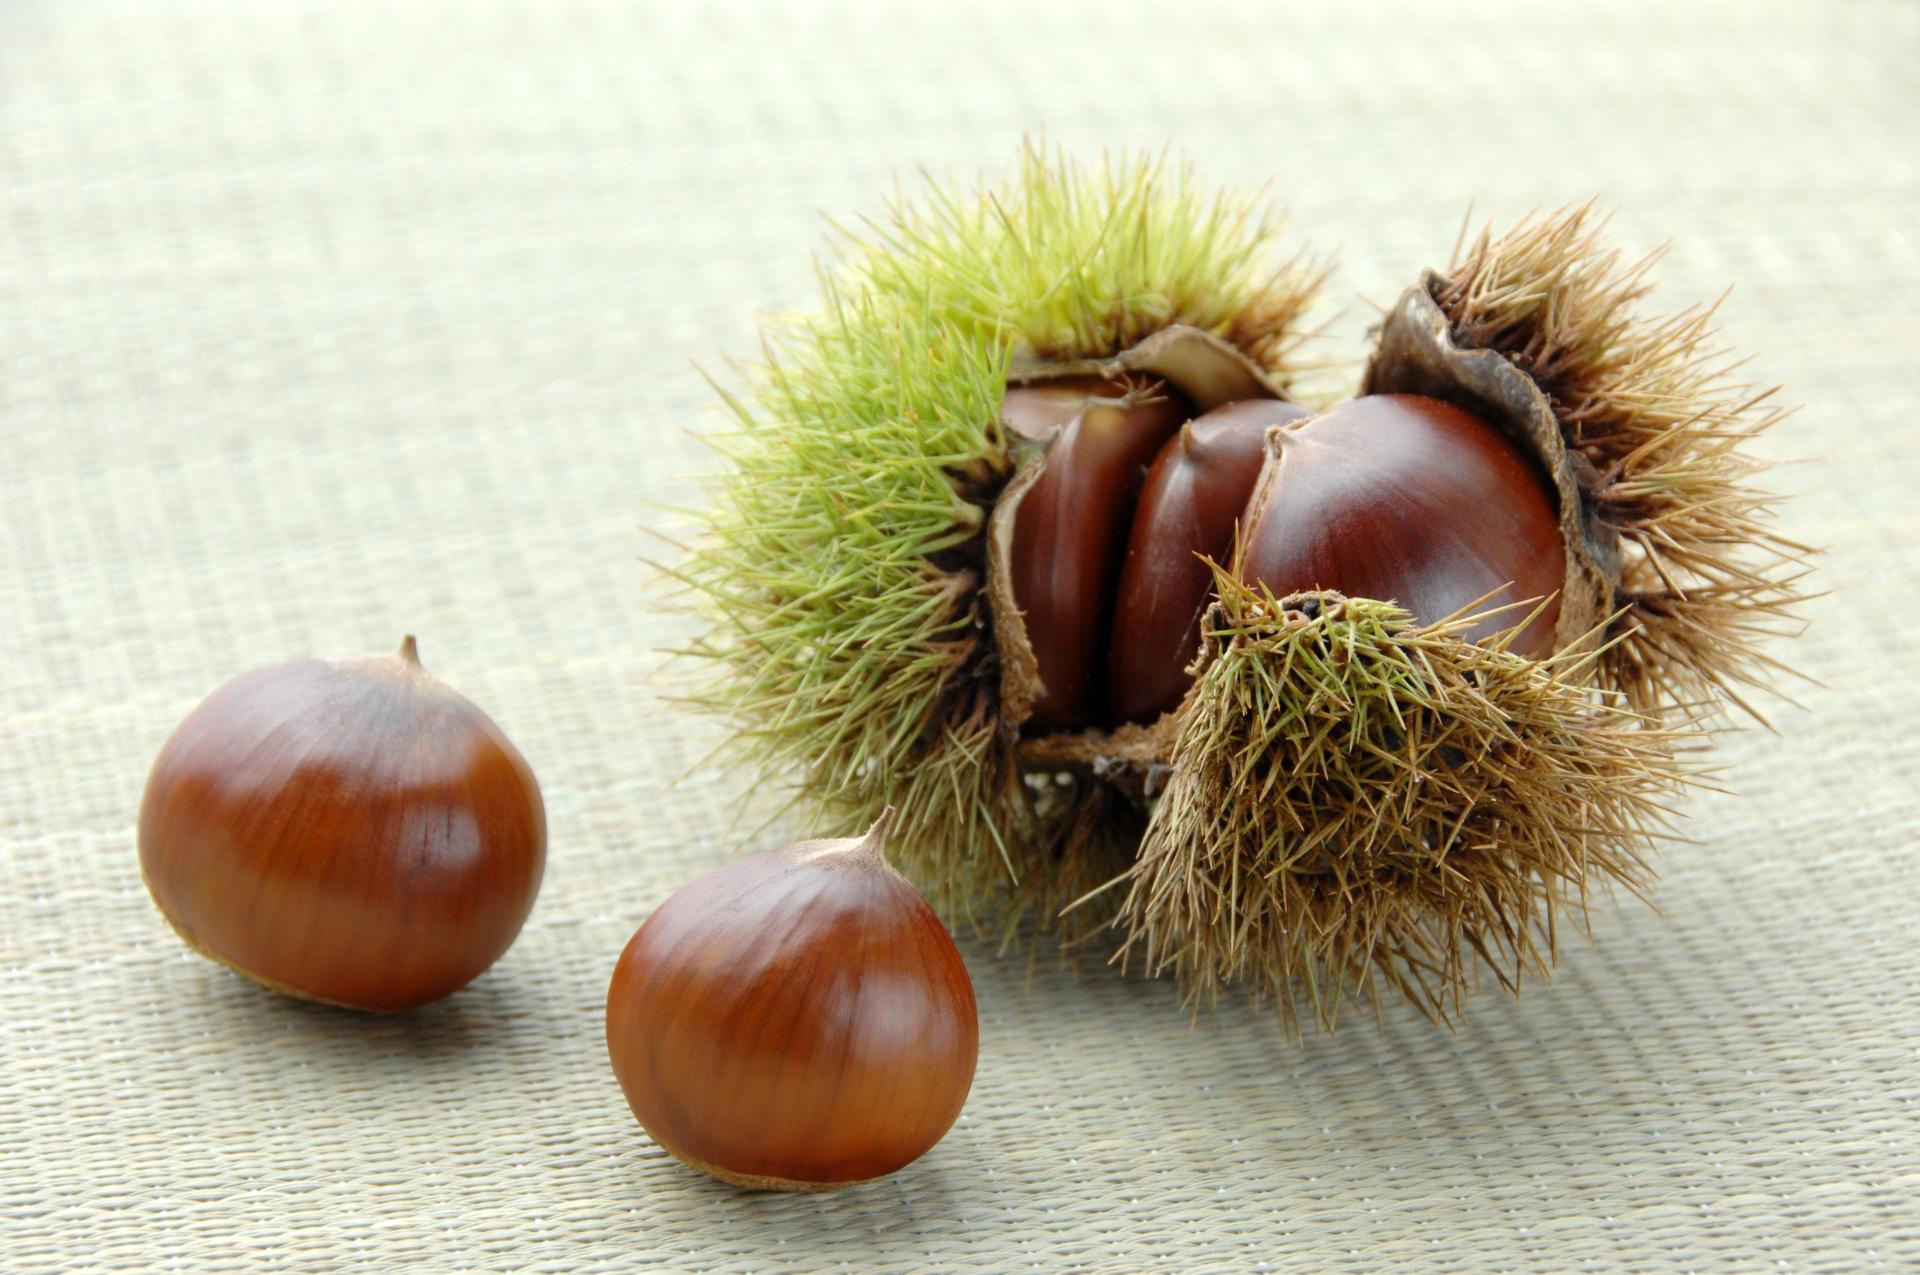 ビタミンやタンニンが豊富な栗が薄毛対策に効果的な理由とは